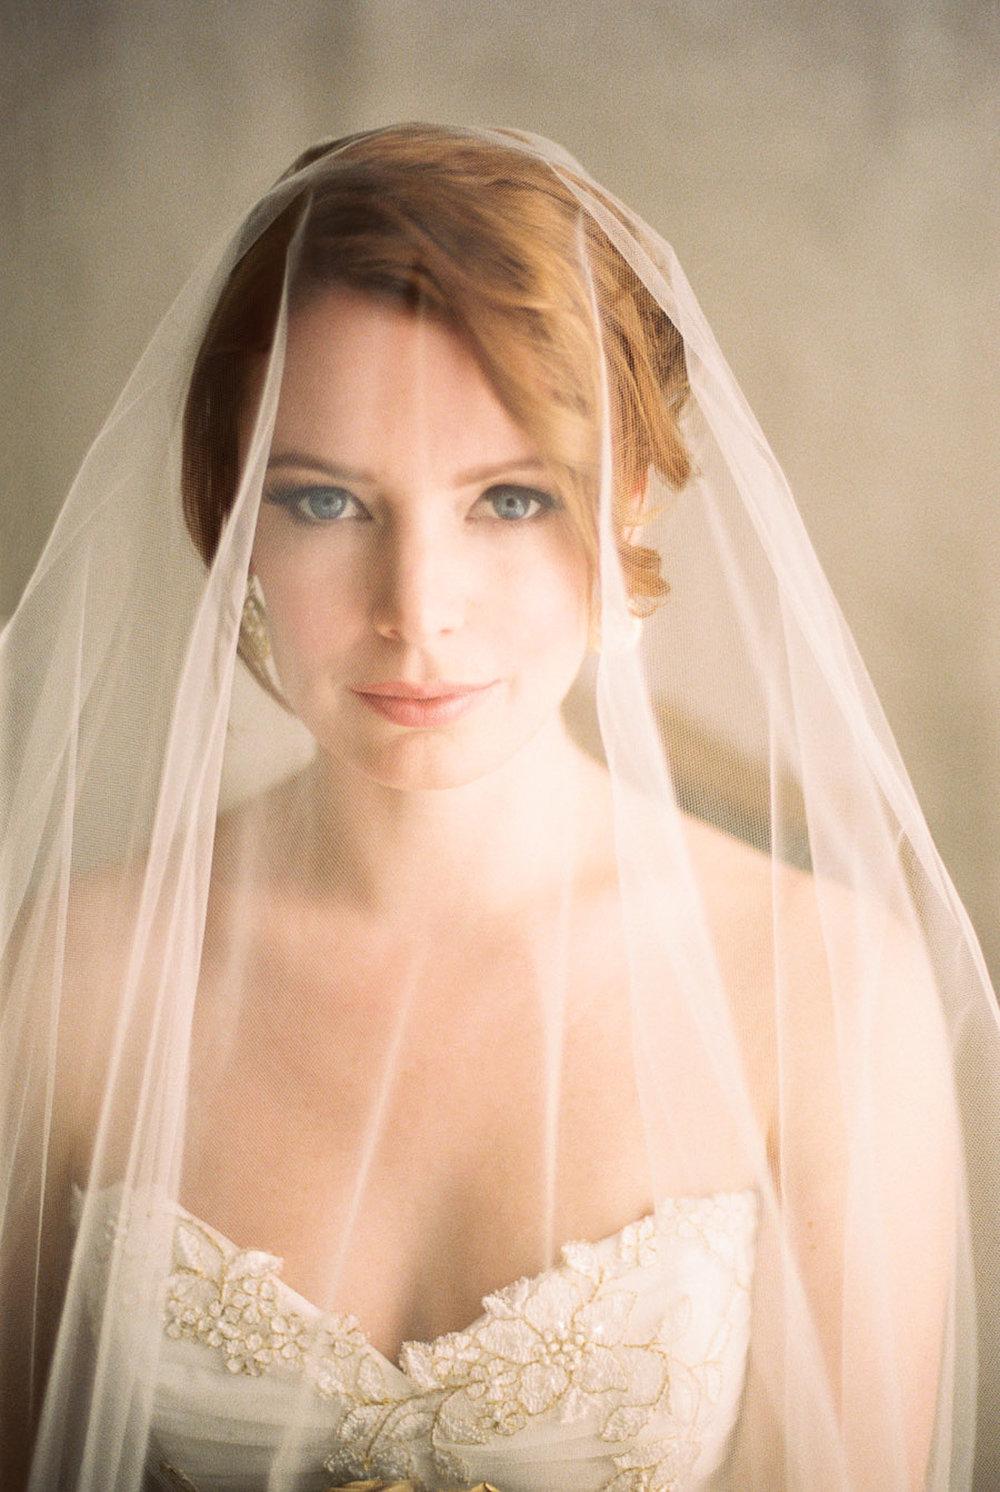 Lara_Lam_Vintage_Heirloom_wedding_photographer_Etablir_shop_vintage_rental47.jpg